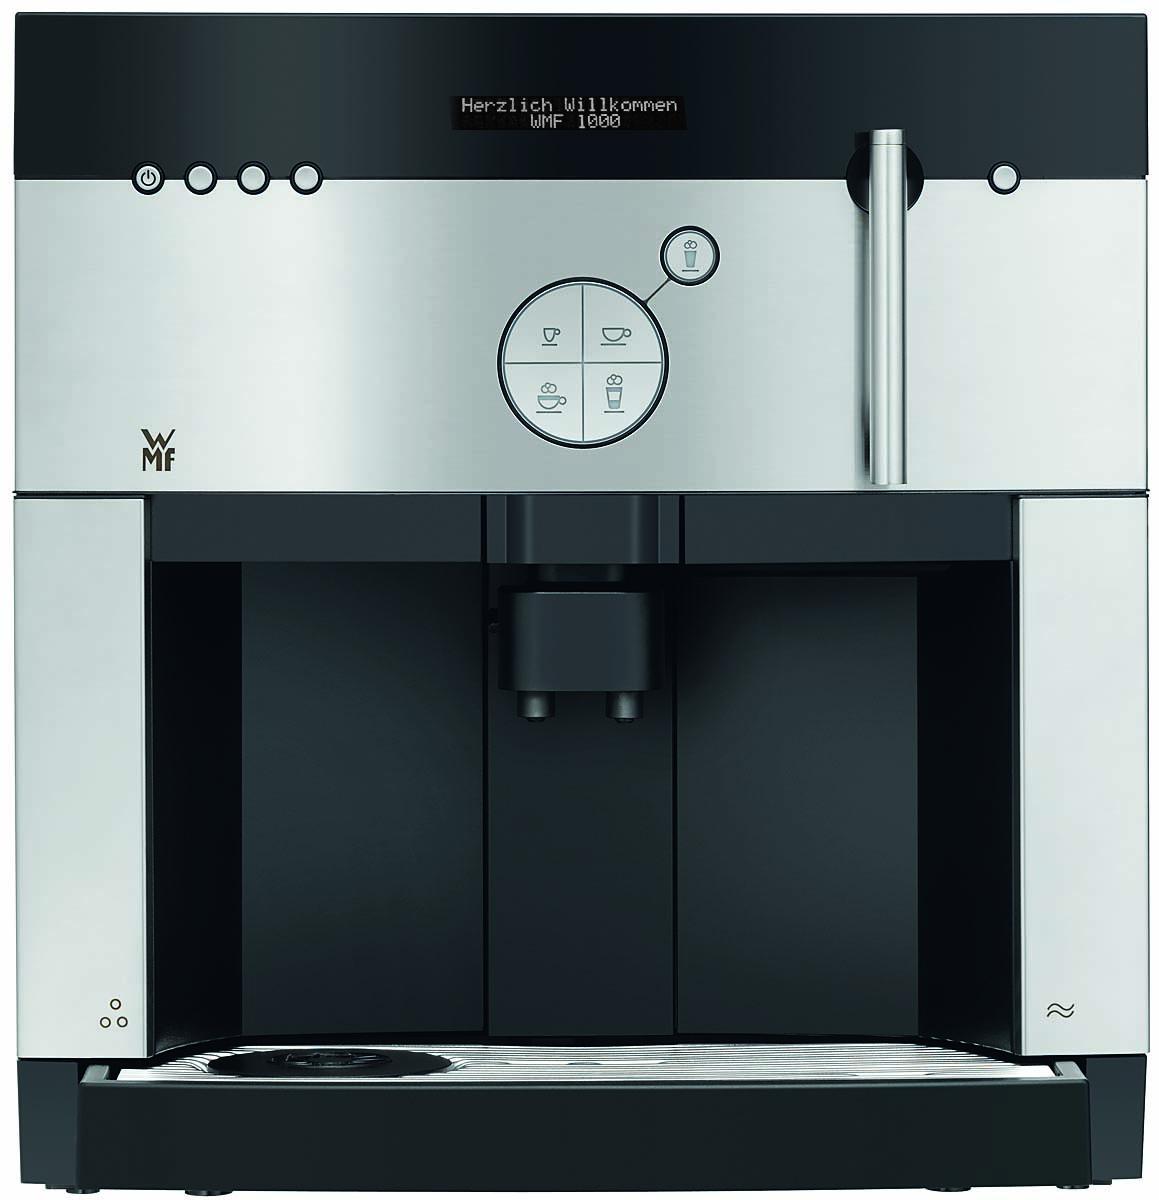 WMF 1000 S кофемашина